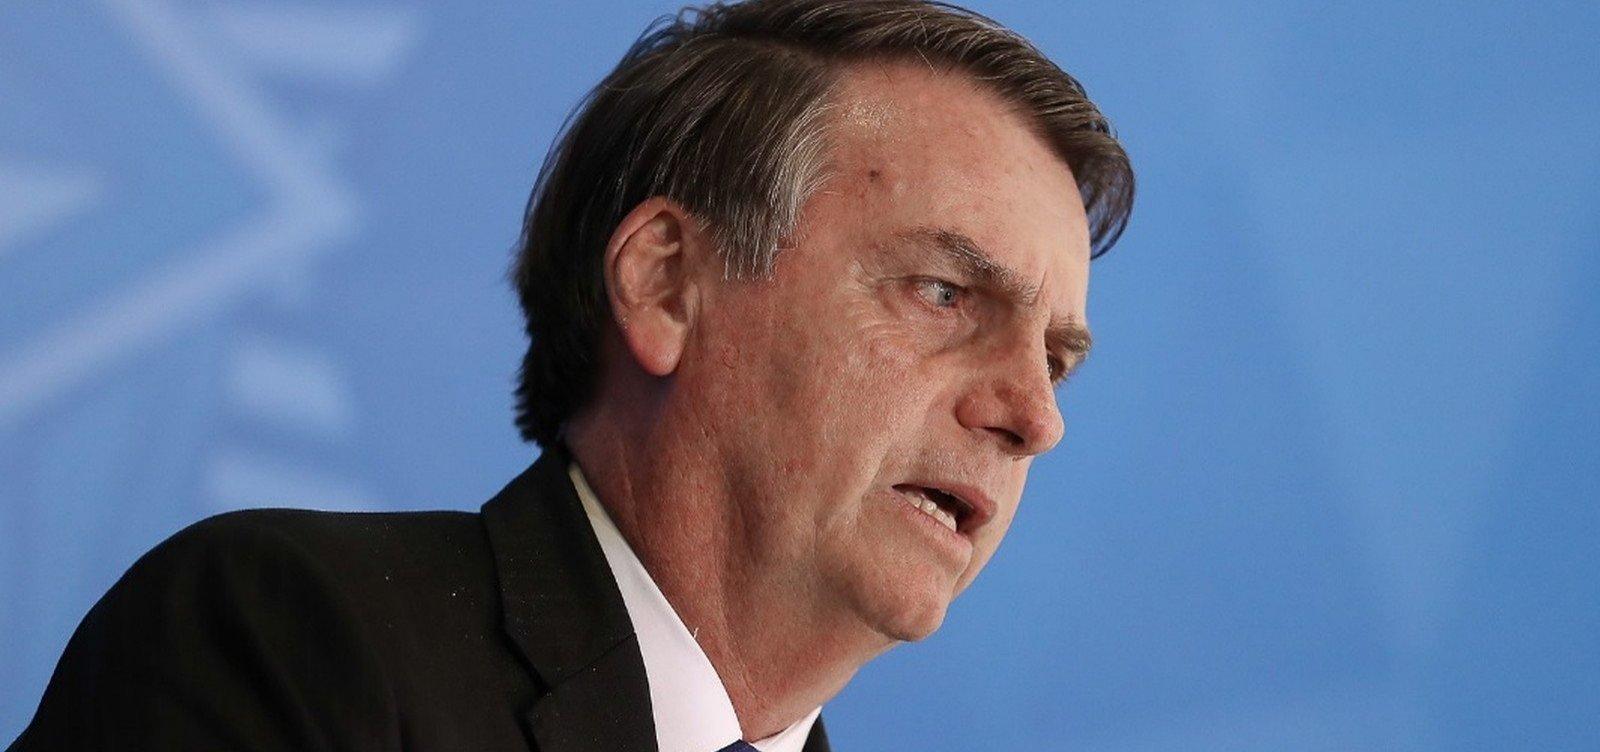 [Decreto de Bolsonaro facilita porte de armas para políticos eleitos e caminhoneiros]